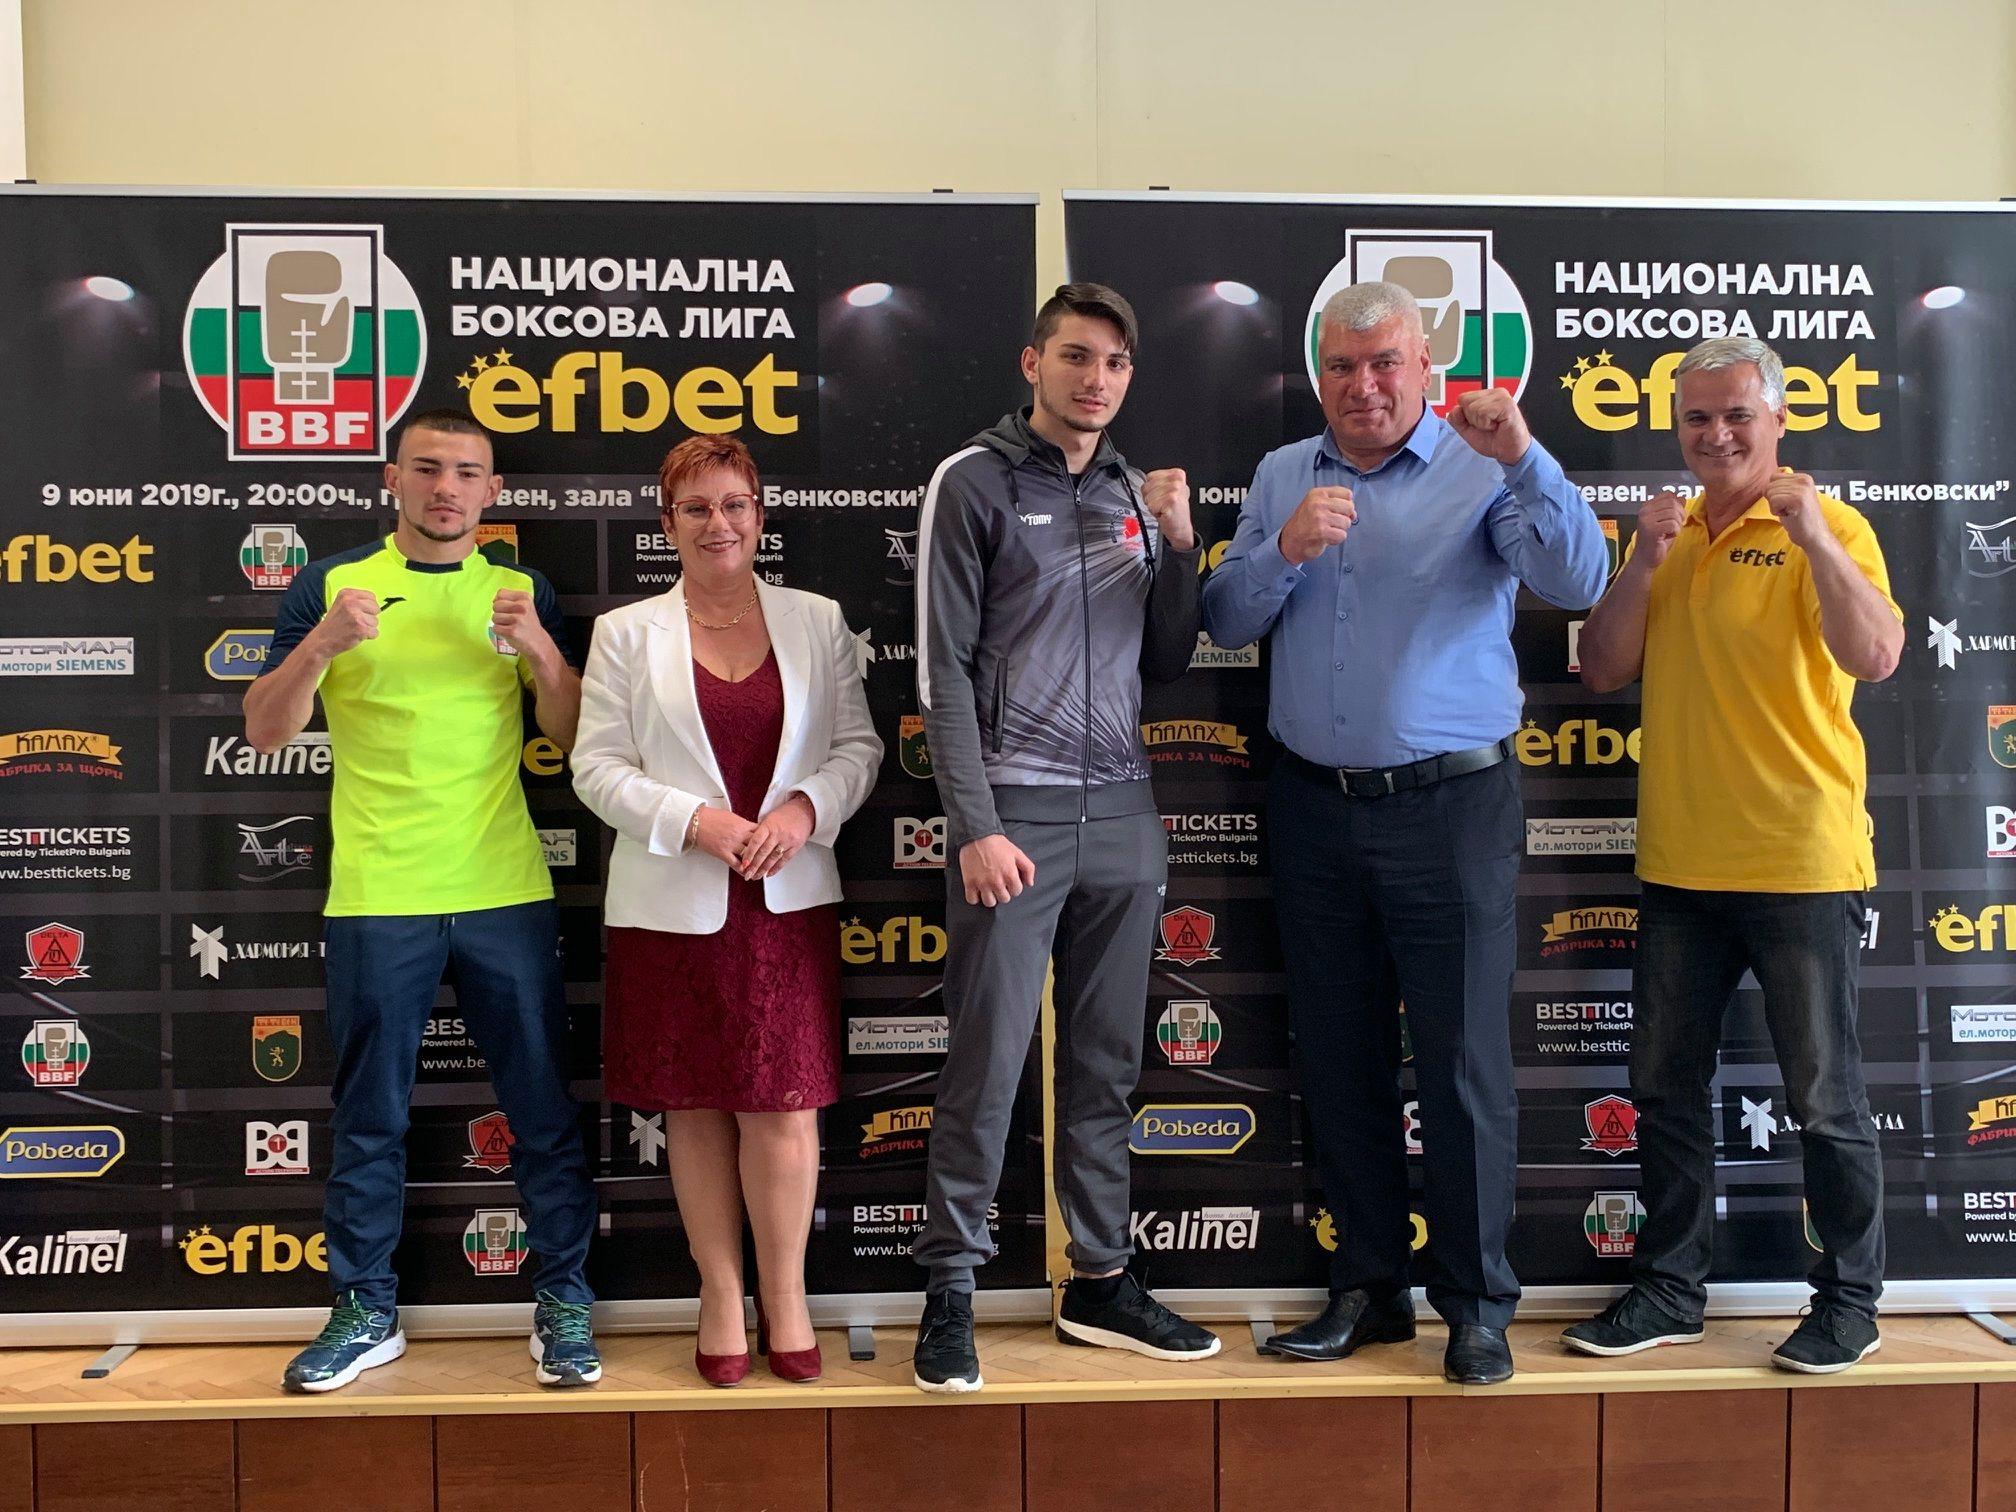 Националната боксова лига събира най-добрите боксьори в Тетевен